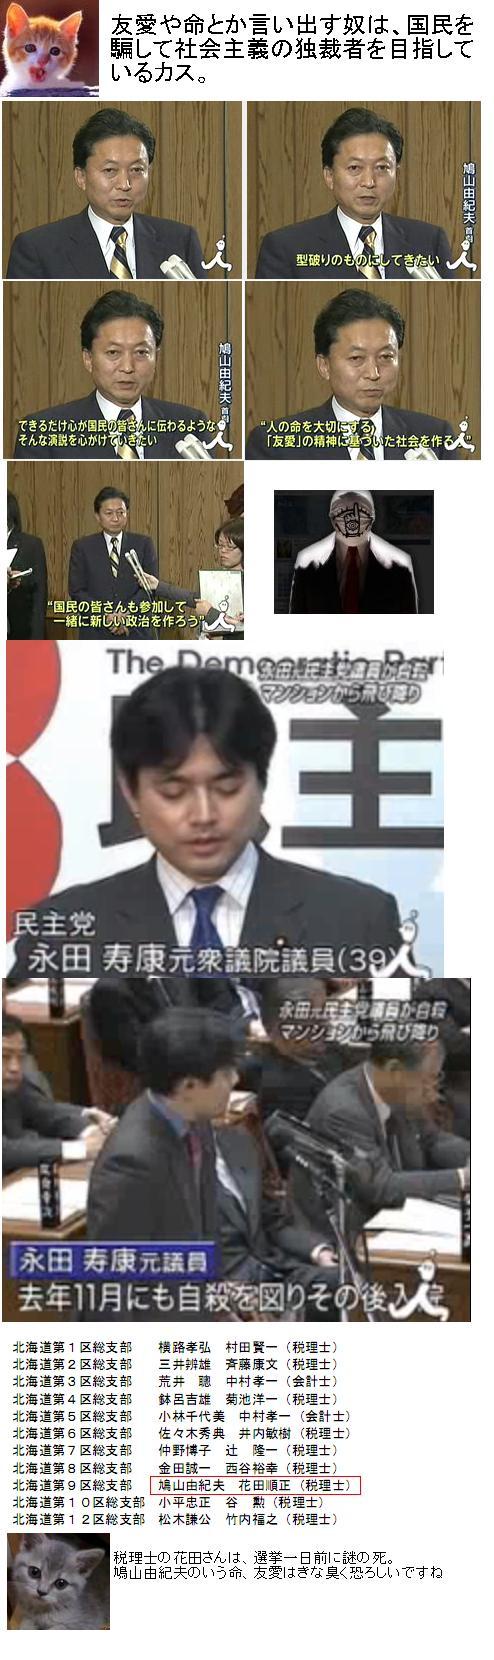 yukimoshoshin1.jpg